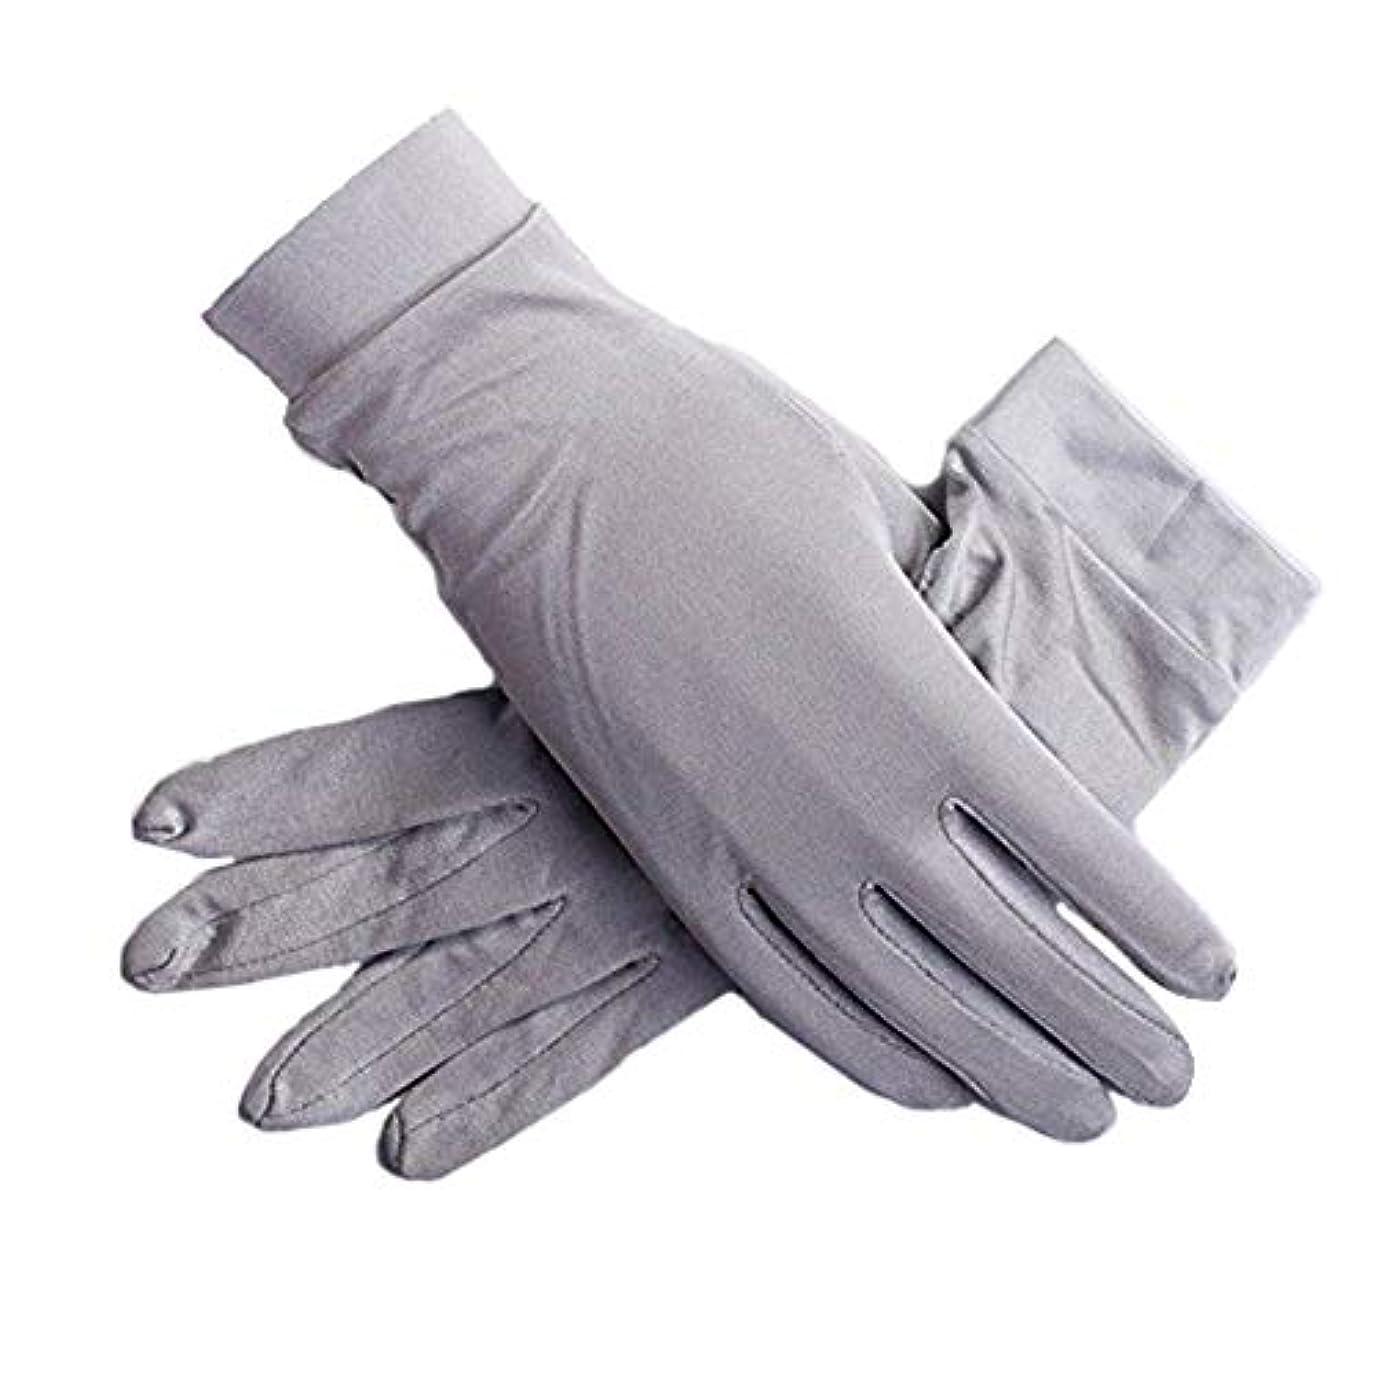 ホーン津波迫害メンズ シルク手袋 手袋 シルク おやすみ 手触り夏 ハンド ケア レディース日焼け防止 が良い 紫外線 保湿